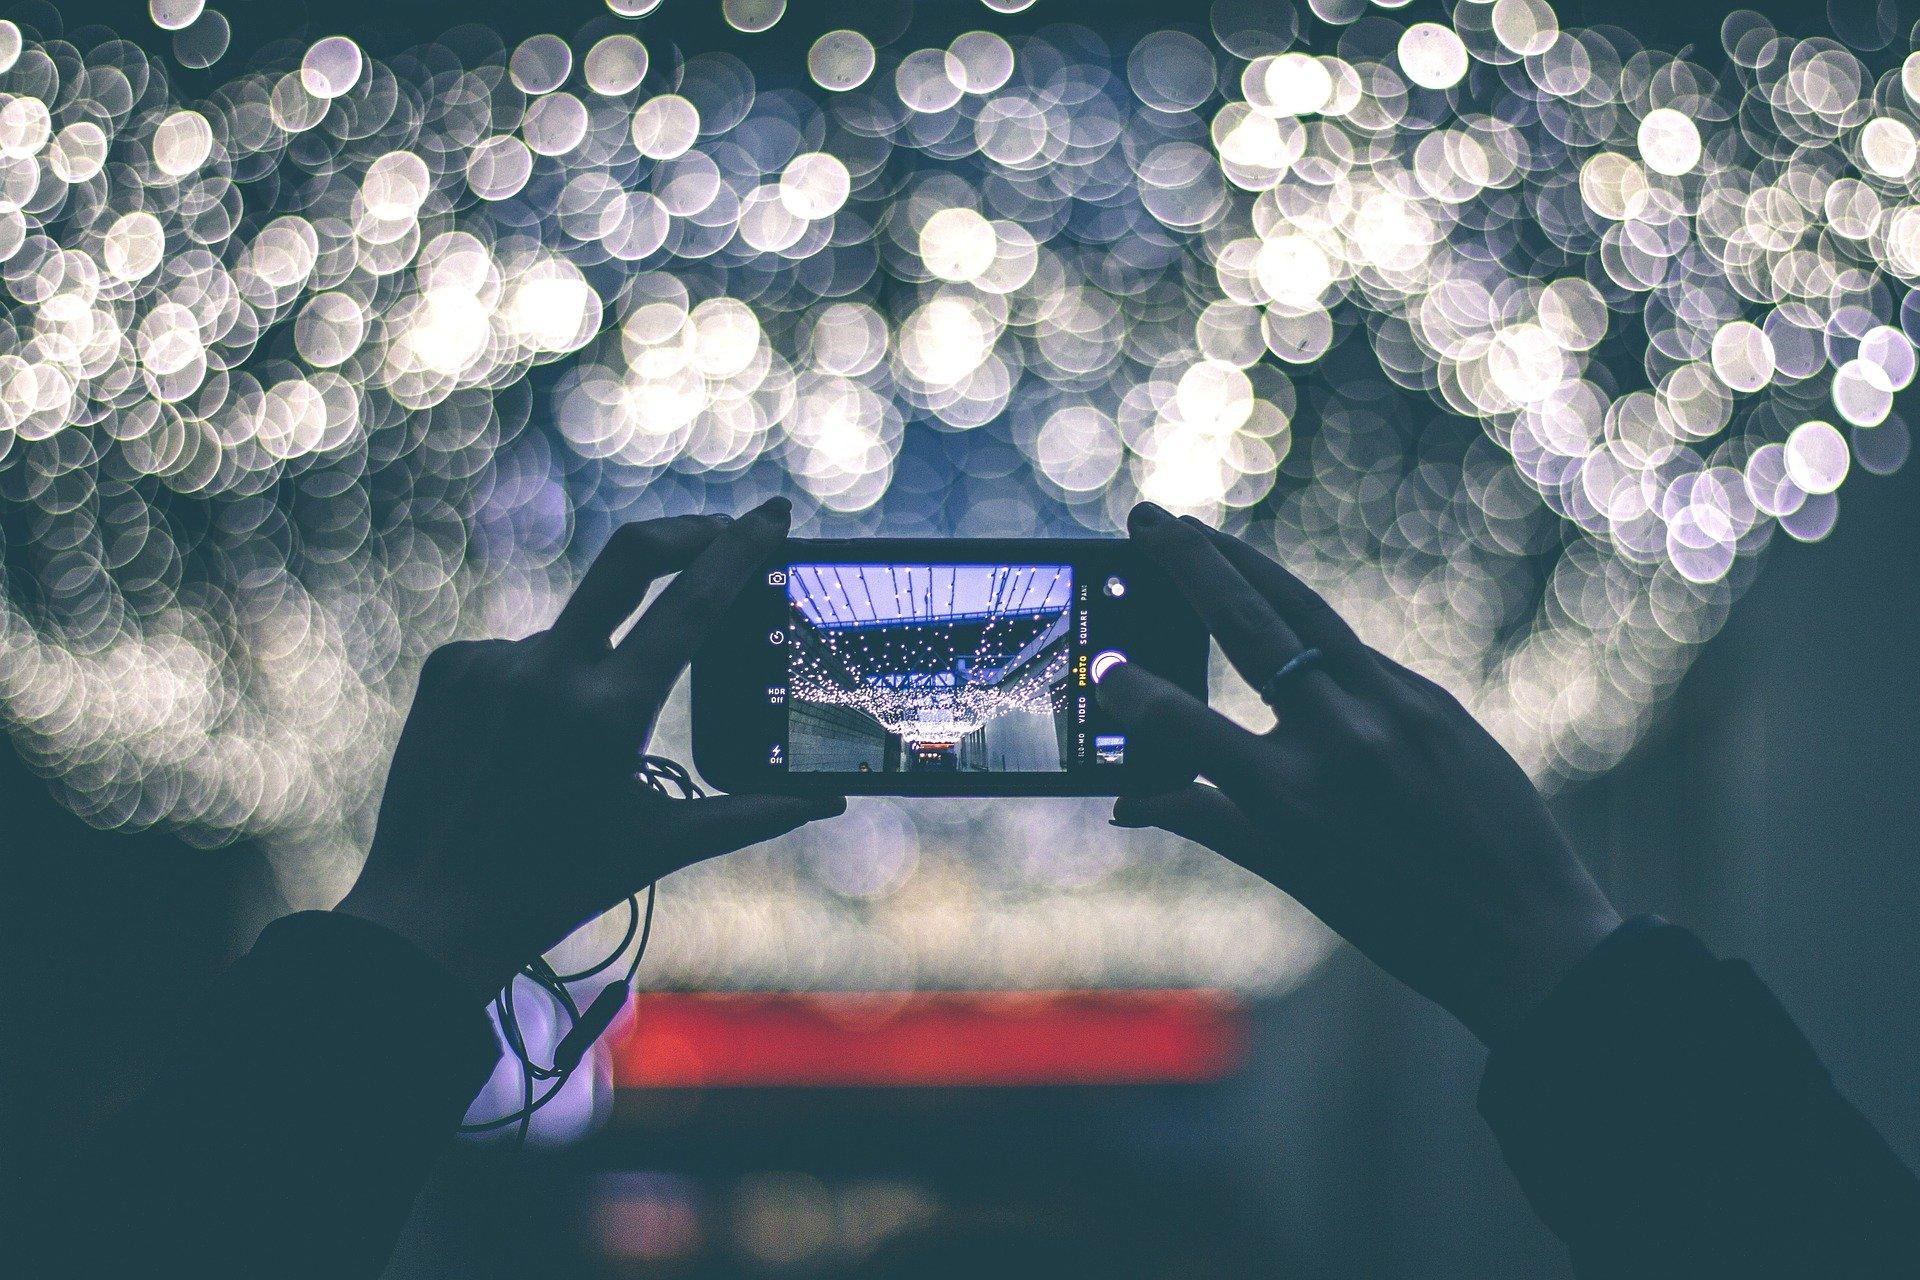 movil foto noche